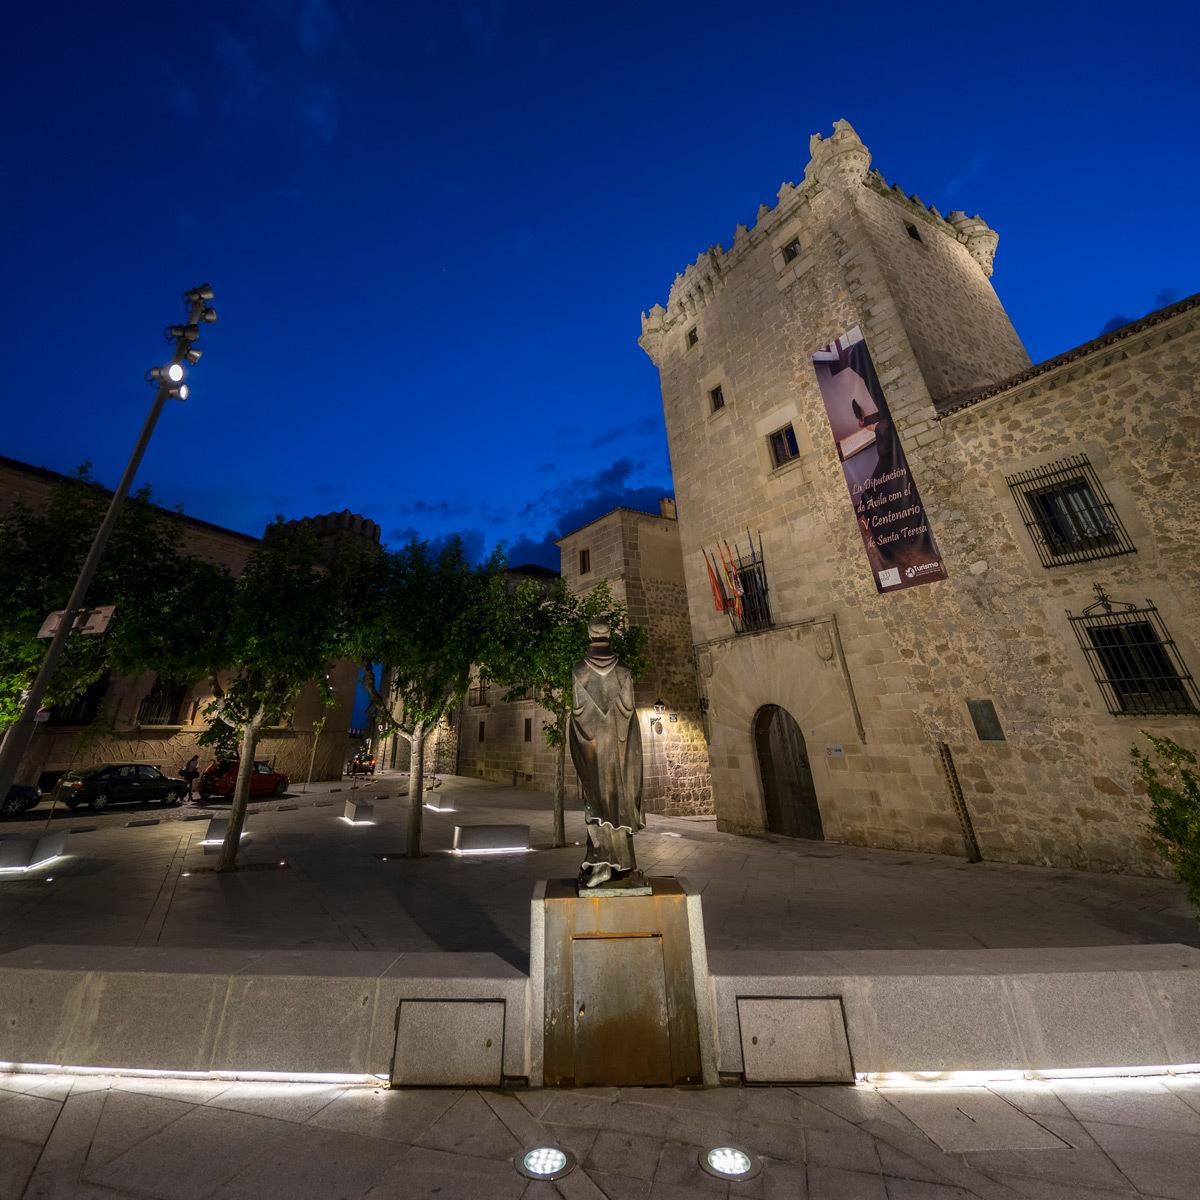 Plan lumière de la ville d'Avila, Espagne - Conception lumière Rafael Gallego, Aureo Lighting